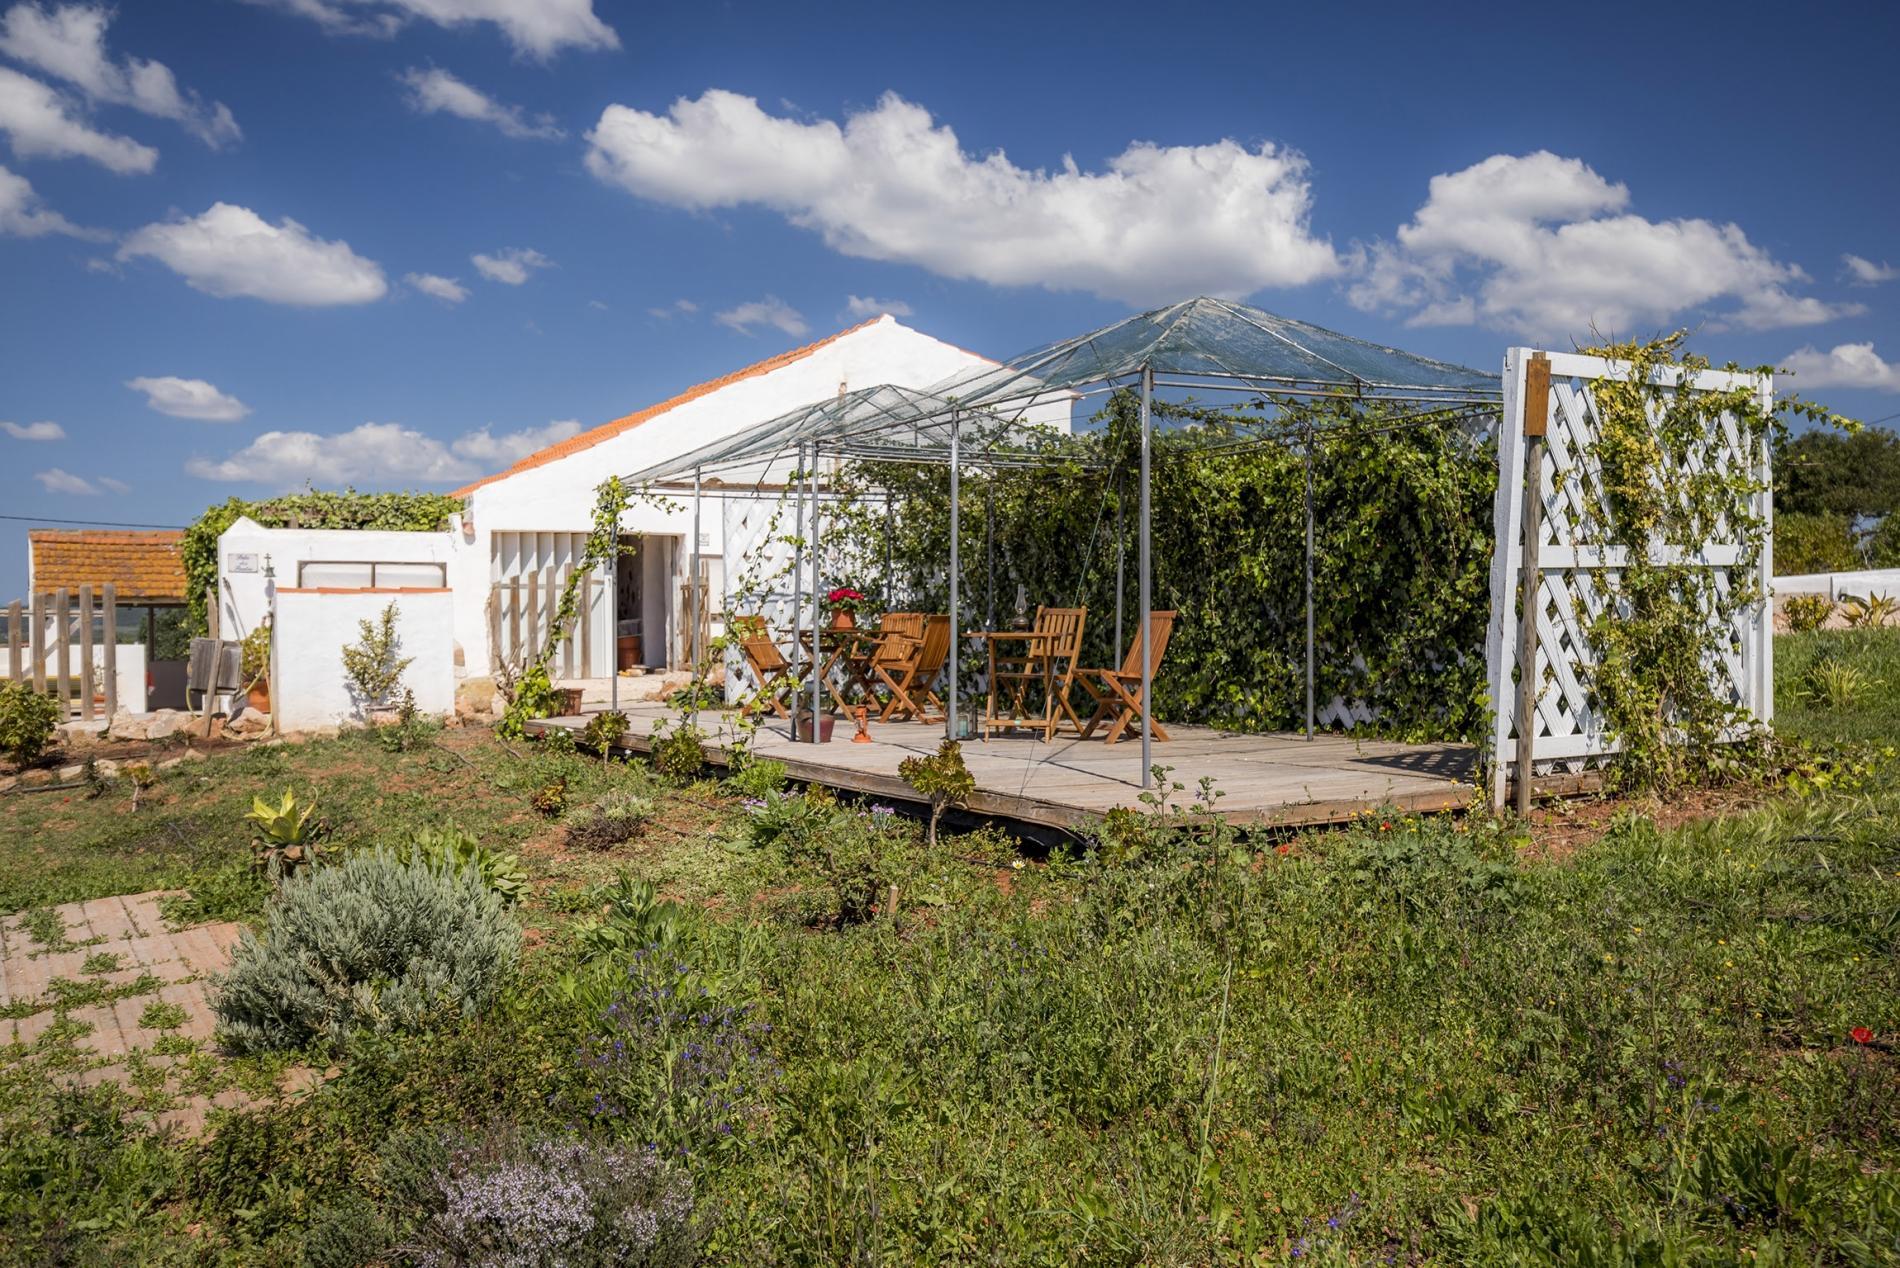 Apartment F - Casa Vacaria in Quinta das Alagoas photo 22521448